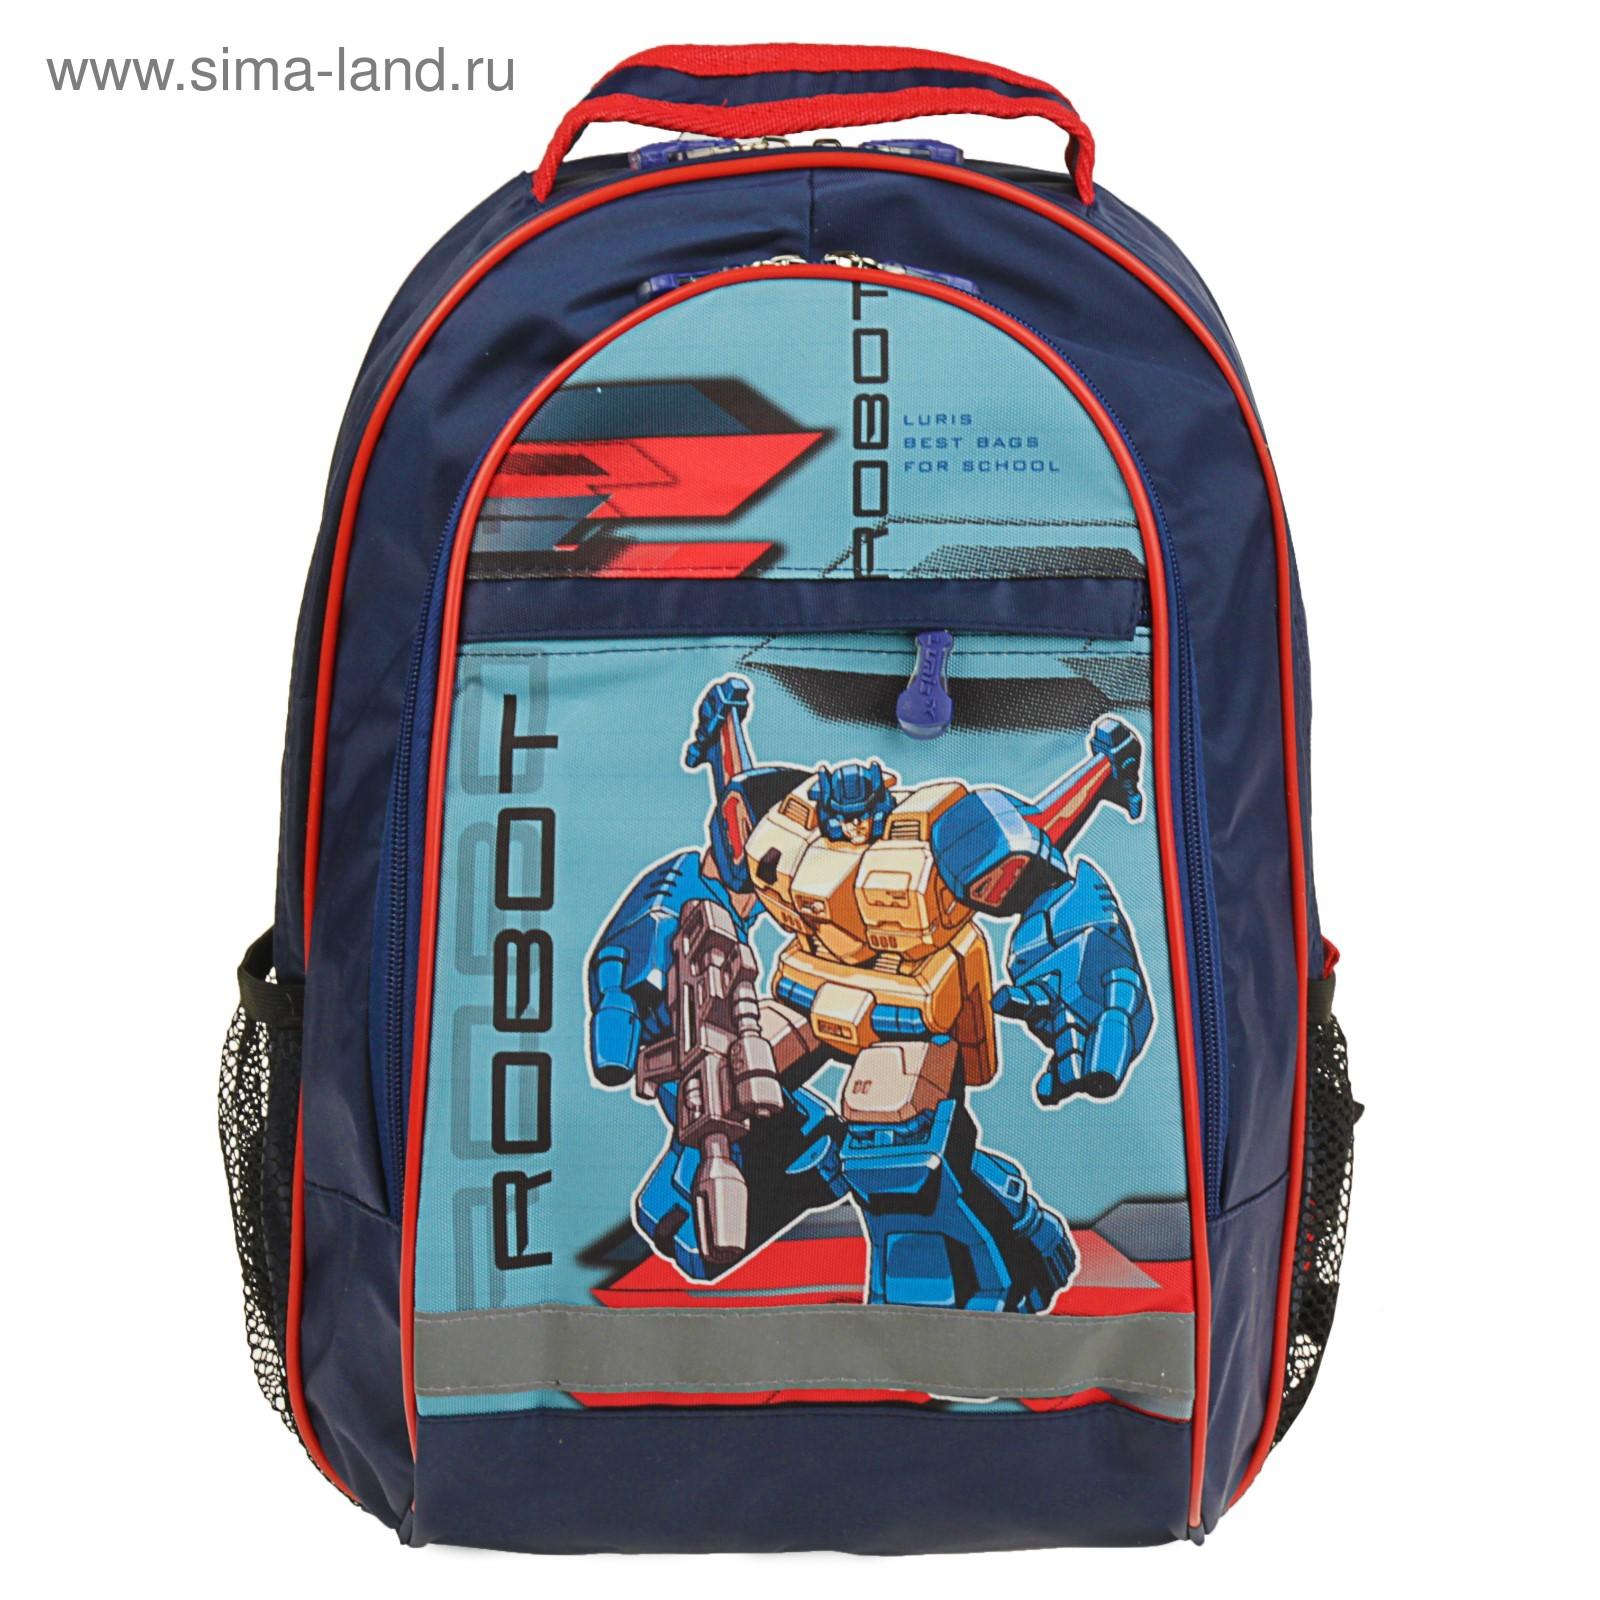 9c6f6245087f Рюкзак школьный с эргономической спинкой Luris Алекс 39x24x19 см для  мальчика, «Робот»